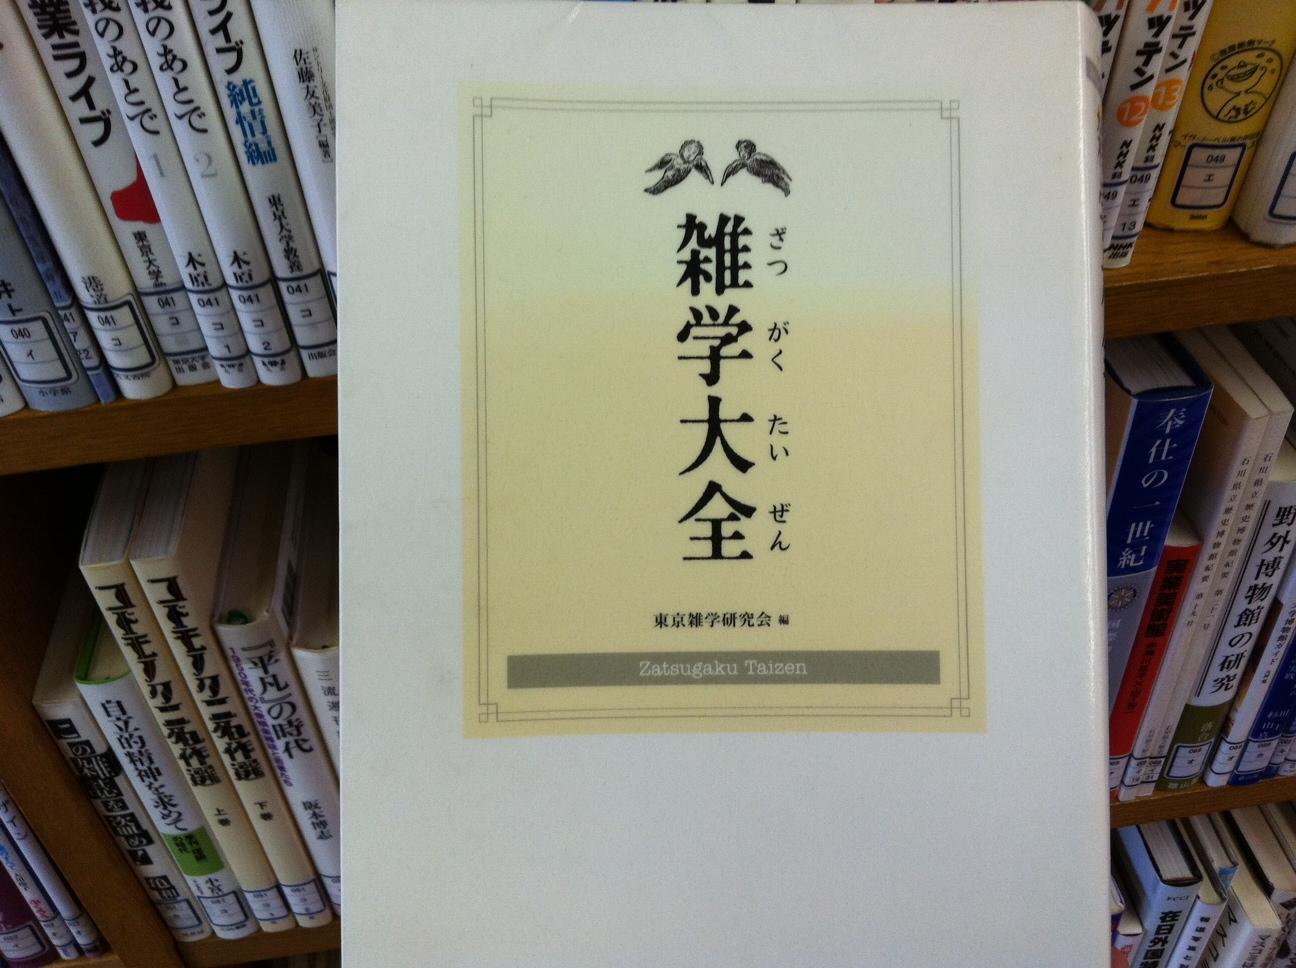 図書館☆_a0059209_1654553.jpg